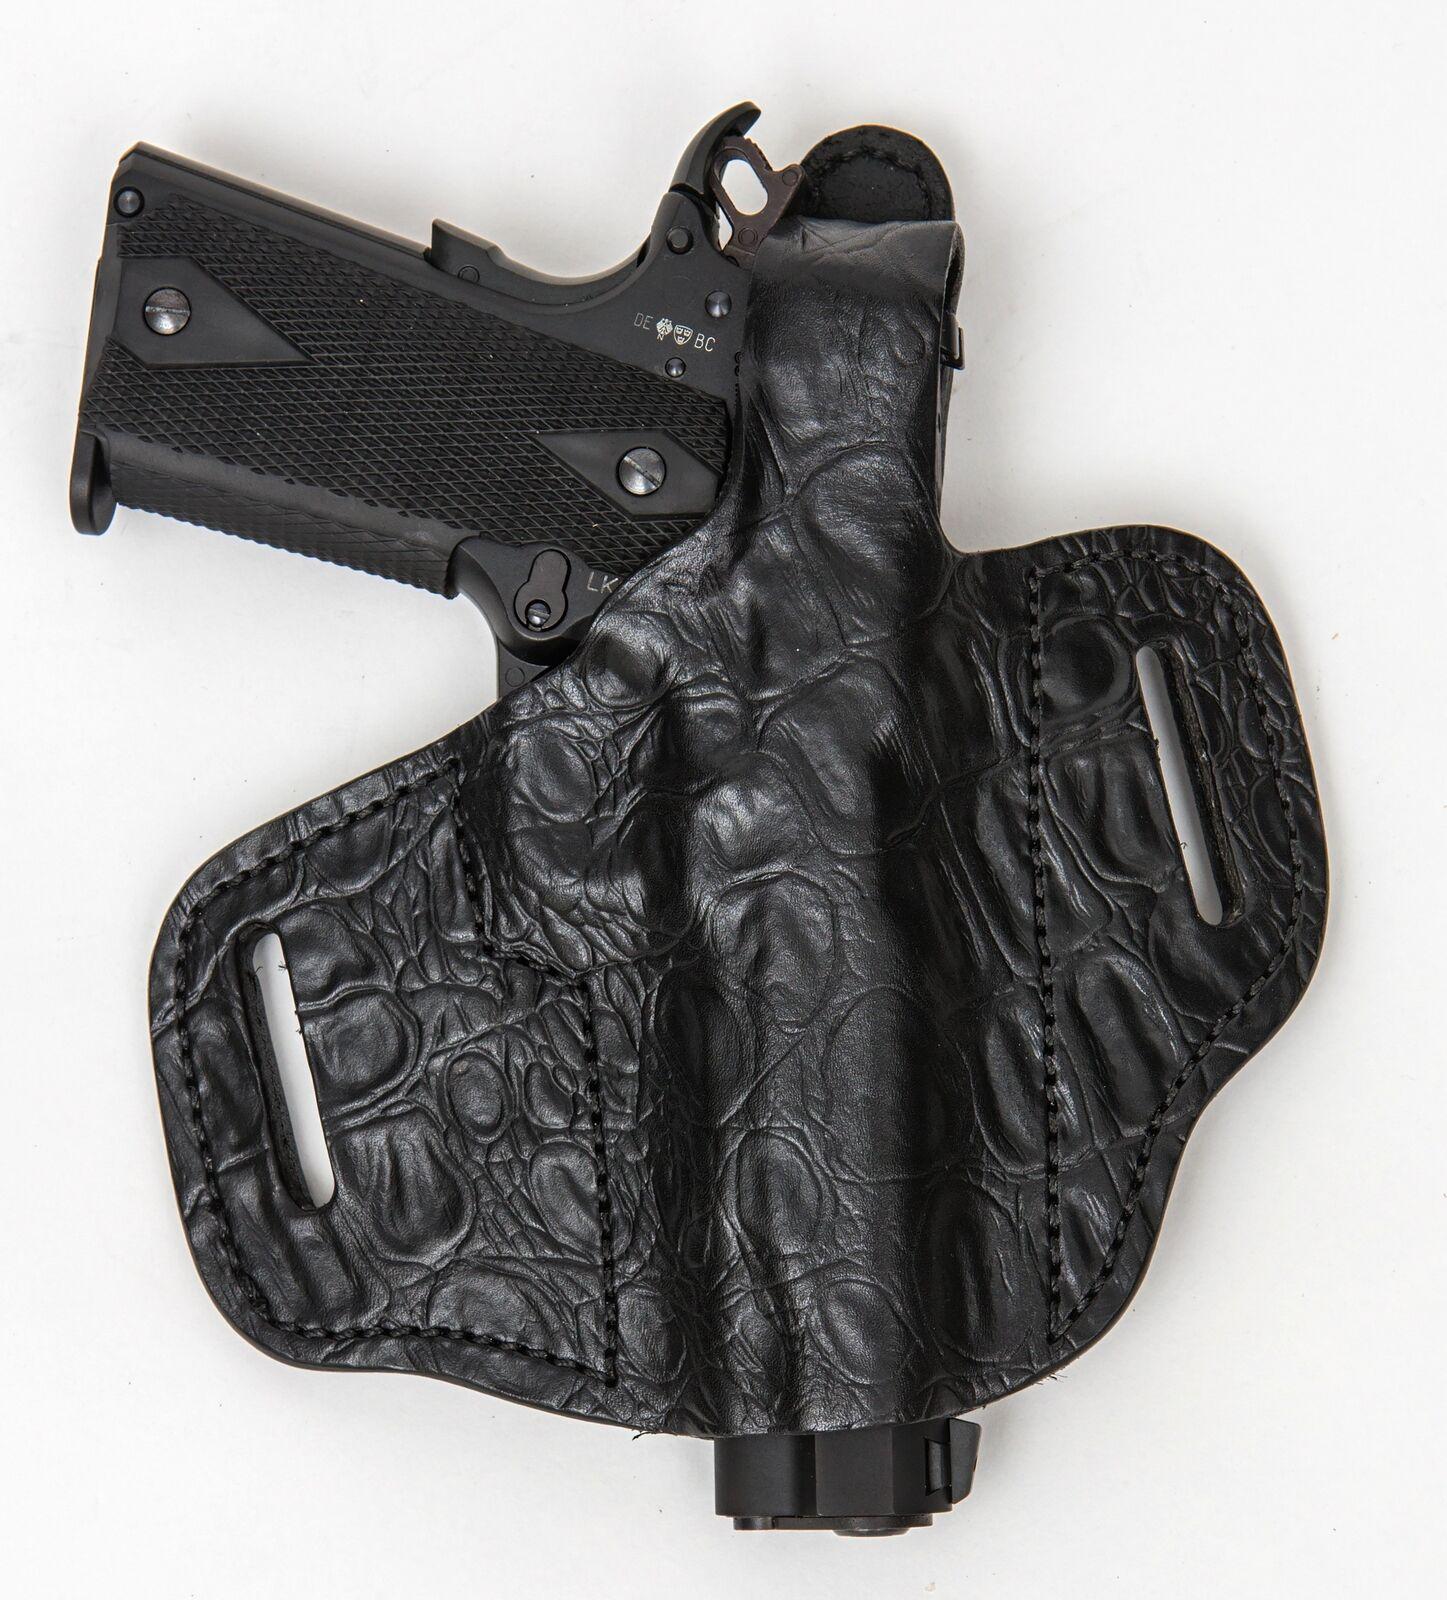 En servicio ocultar RH LH owb Cuero Funda Pistola para Kahr cm Mk PM 9 40 45